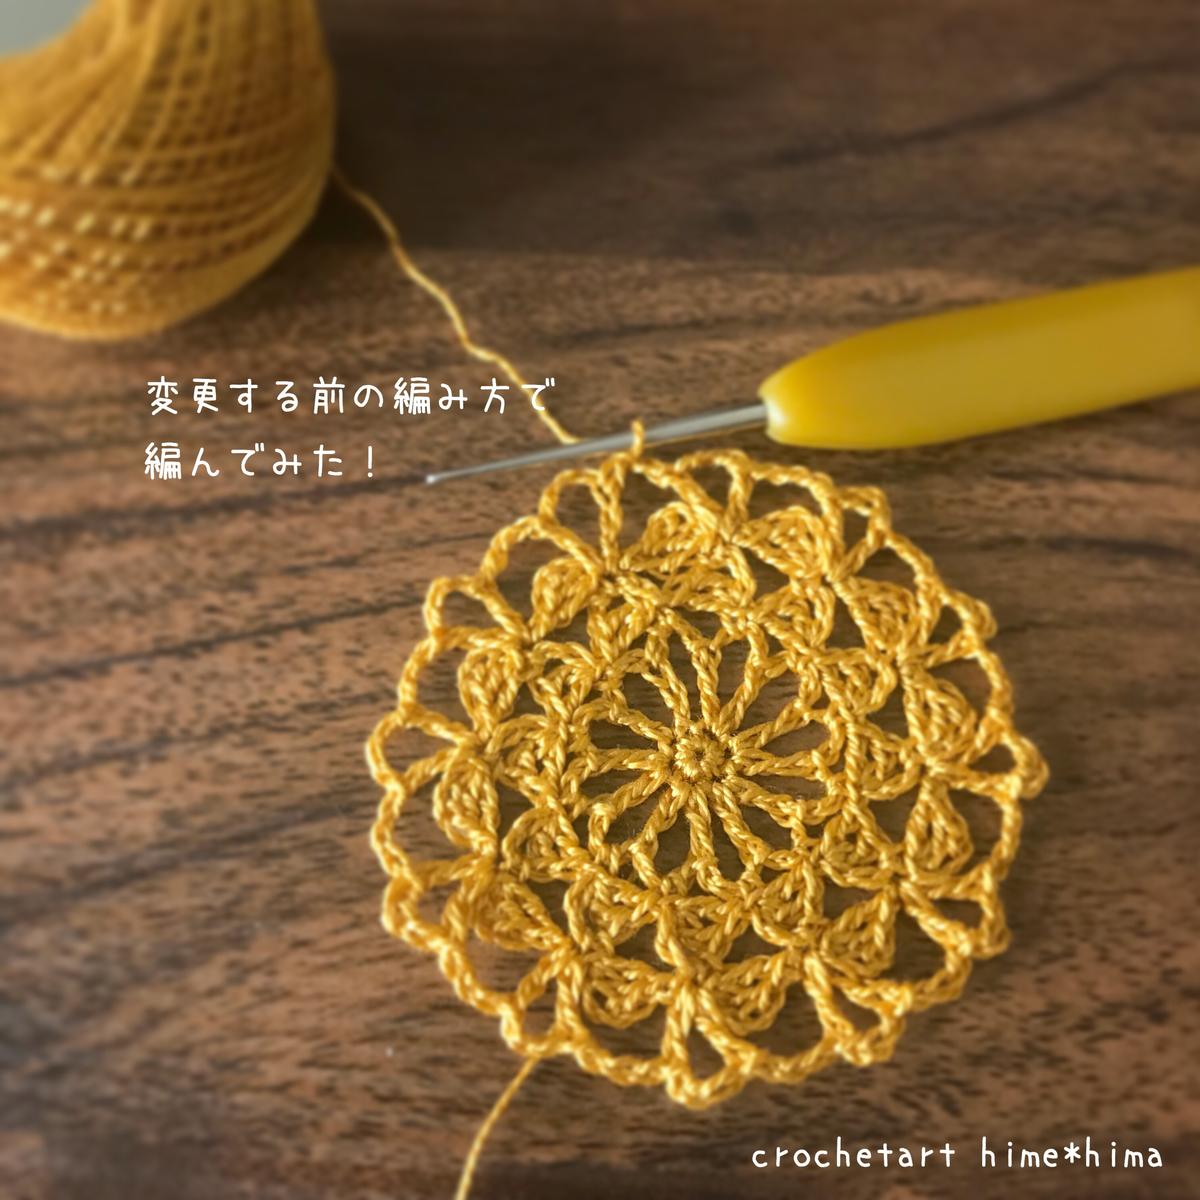 花の縁編みのドイリー4段目まで